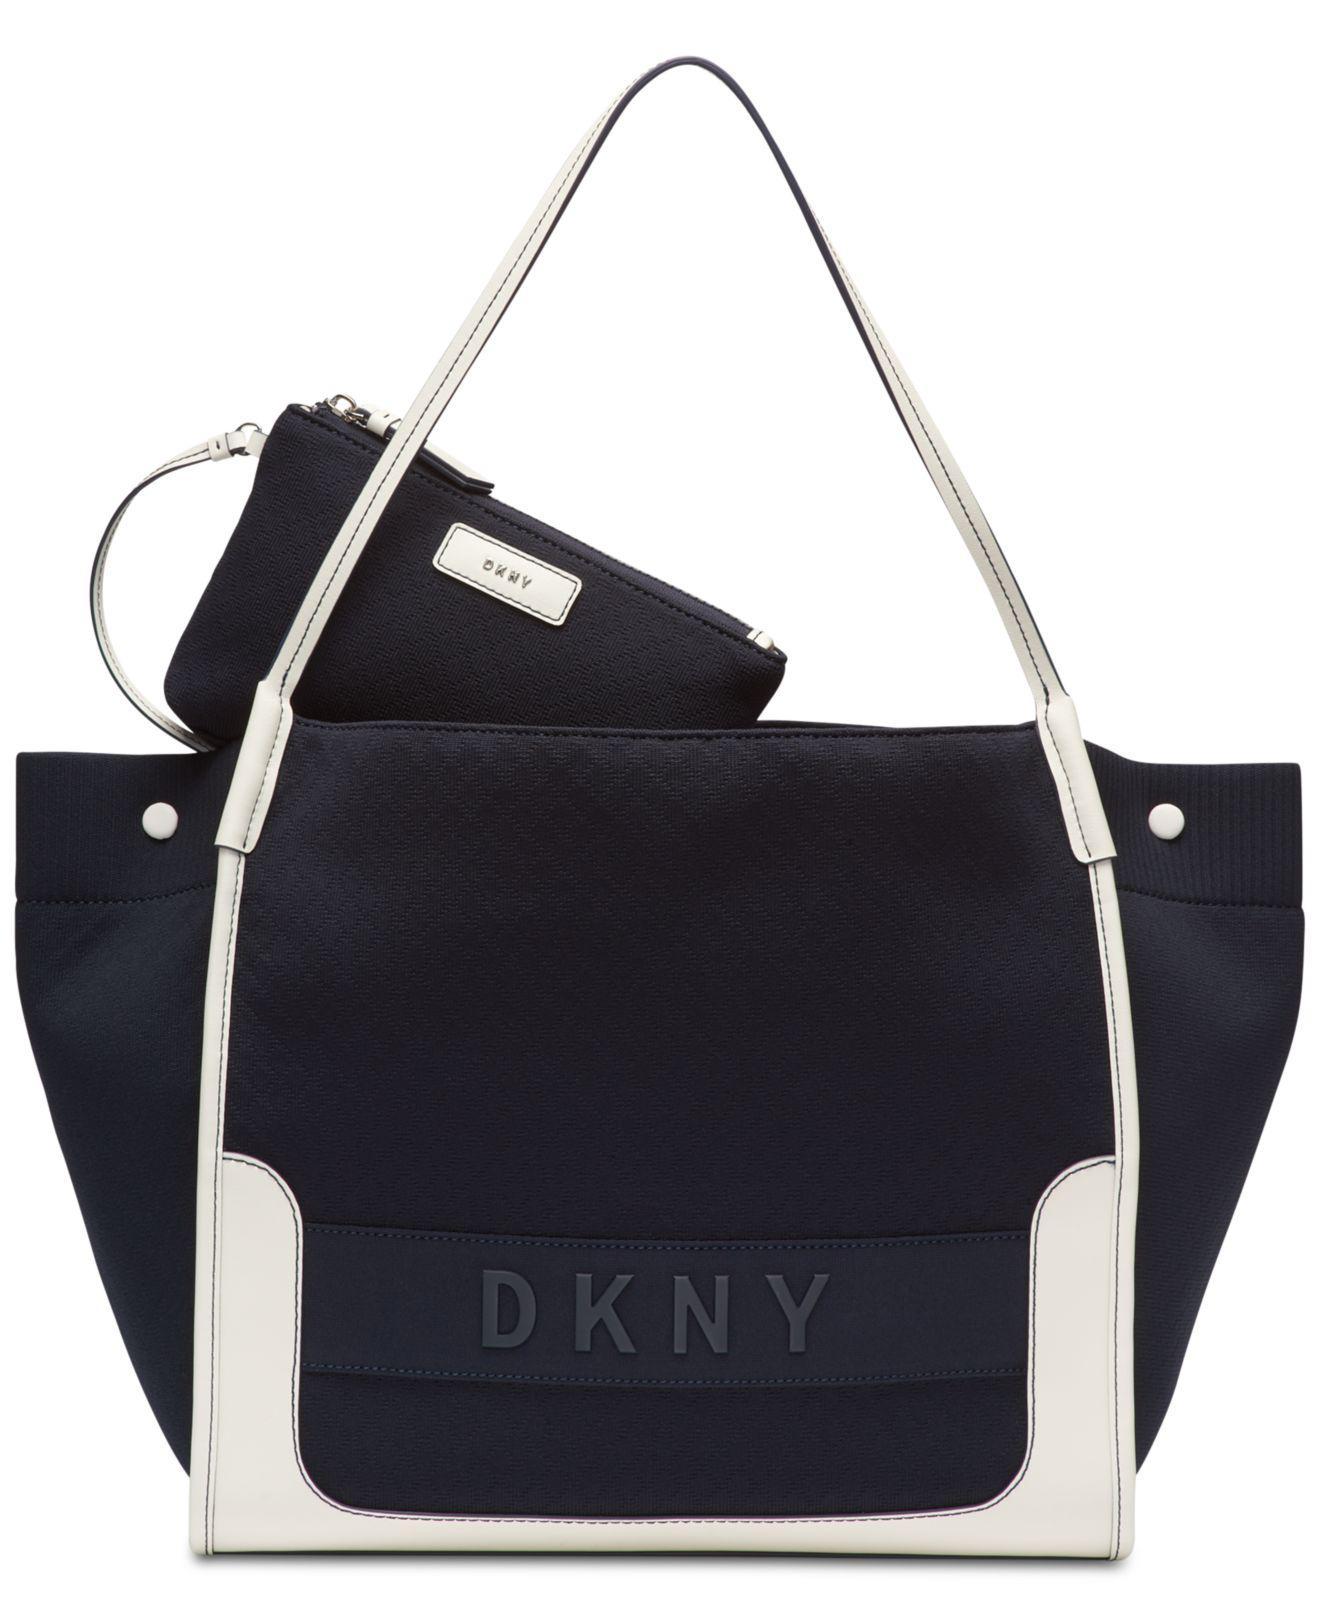 dbd99dd275 Lyst - DKNY Ebony Tote With Pouch